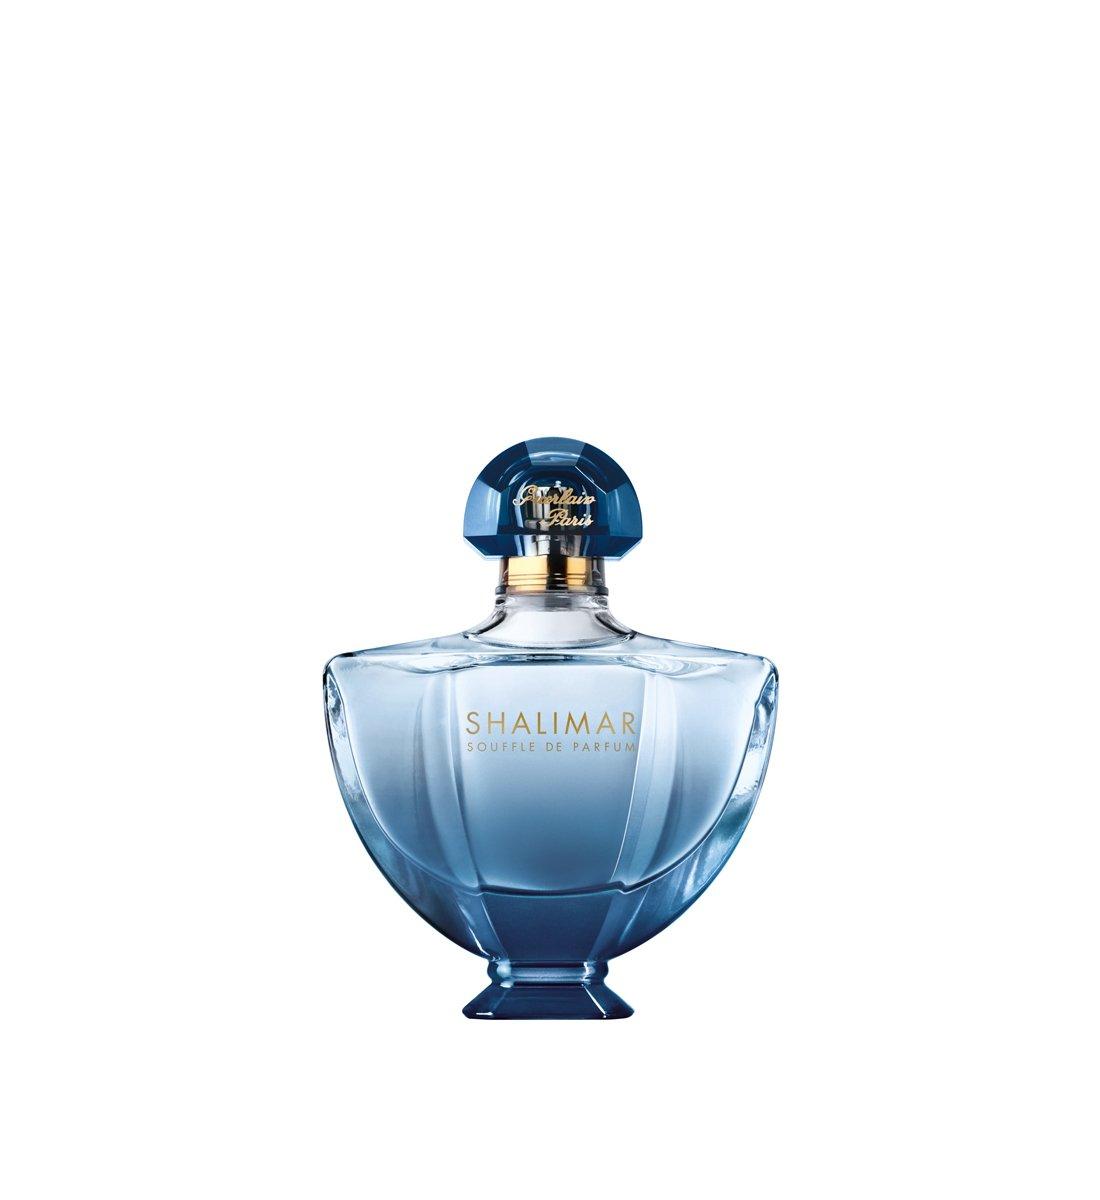 Shalimar Souffle De Parfum Eau De Parfum Spray - 90ml/3oz Guerlain SSOES3